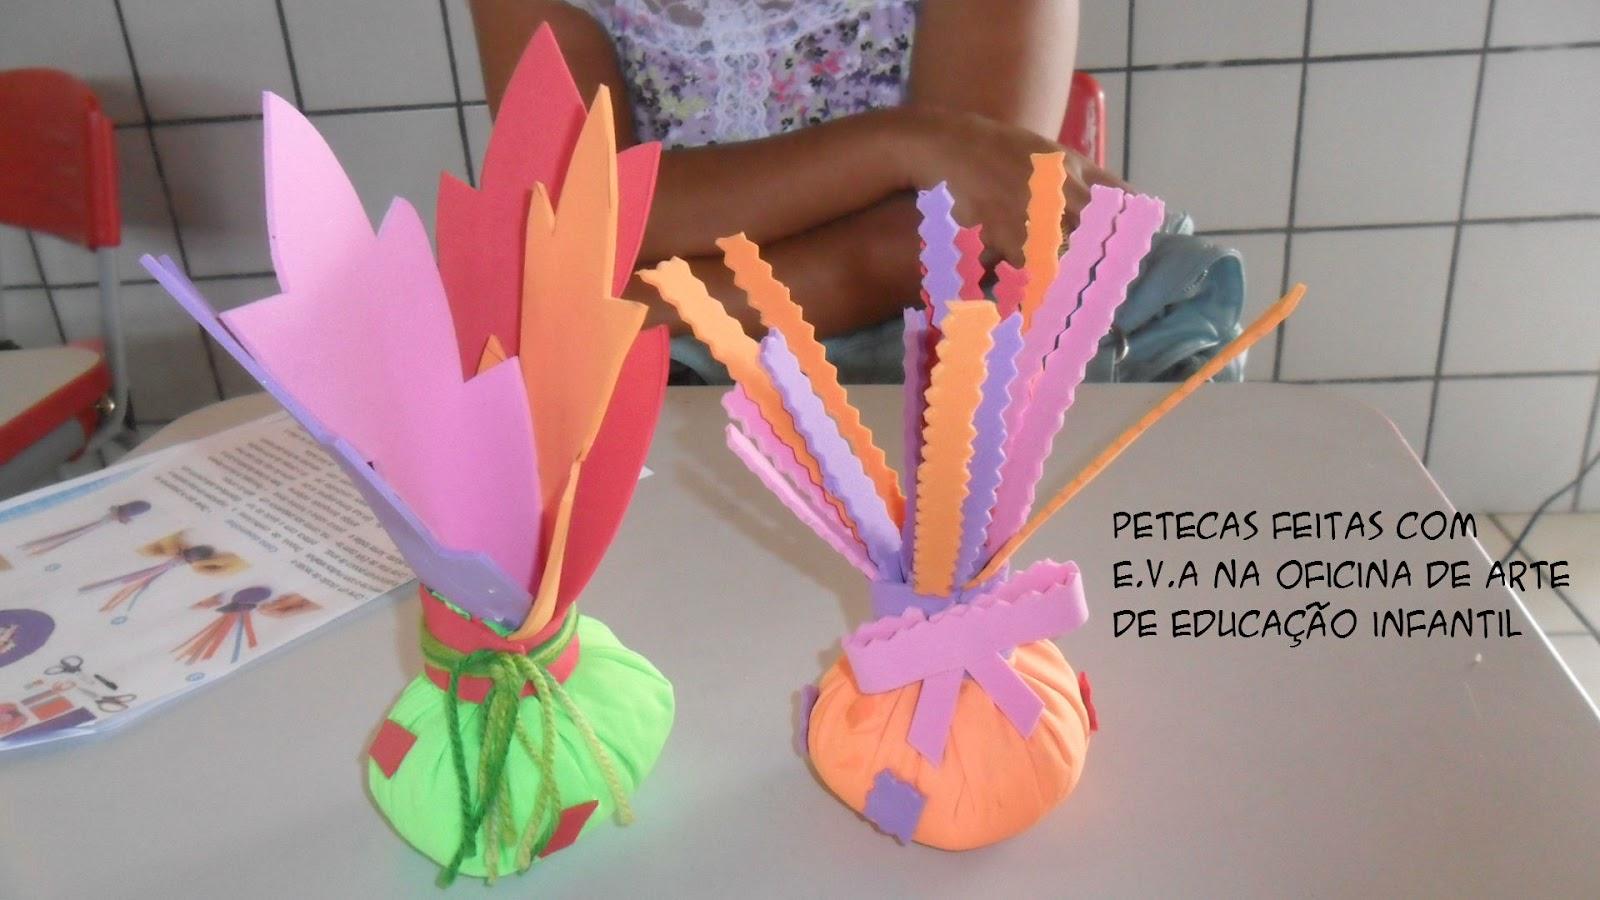 Top Oficina de artes para educação infantil na jornada pedagógica - A  FJ15